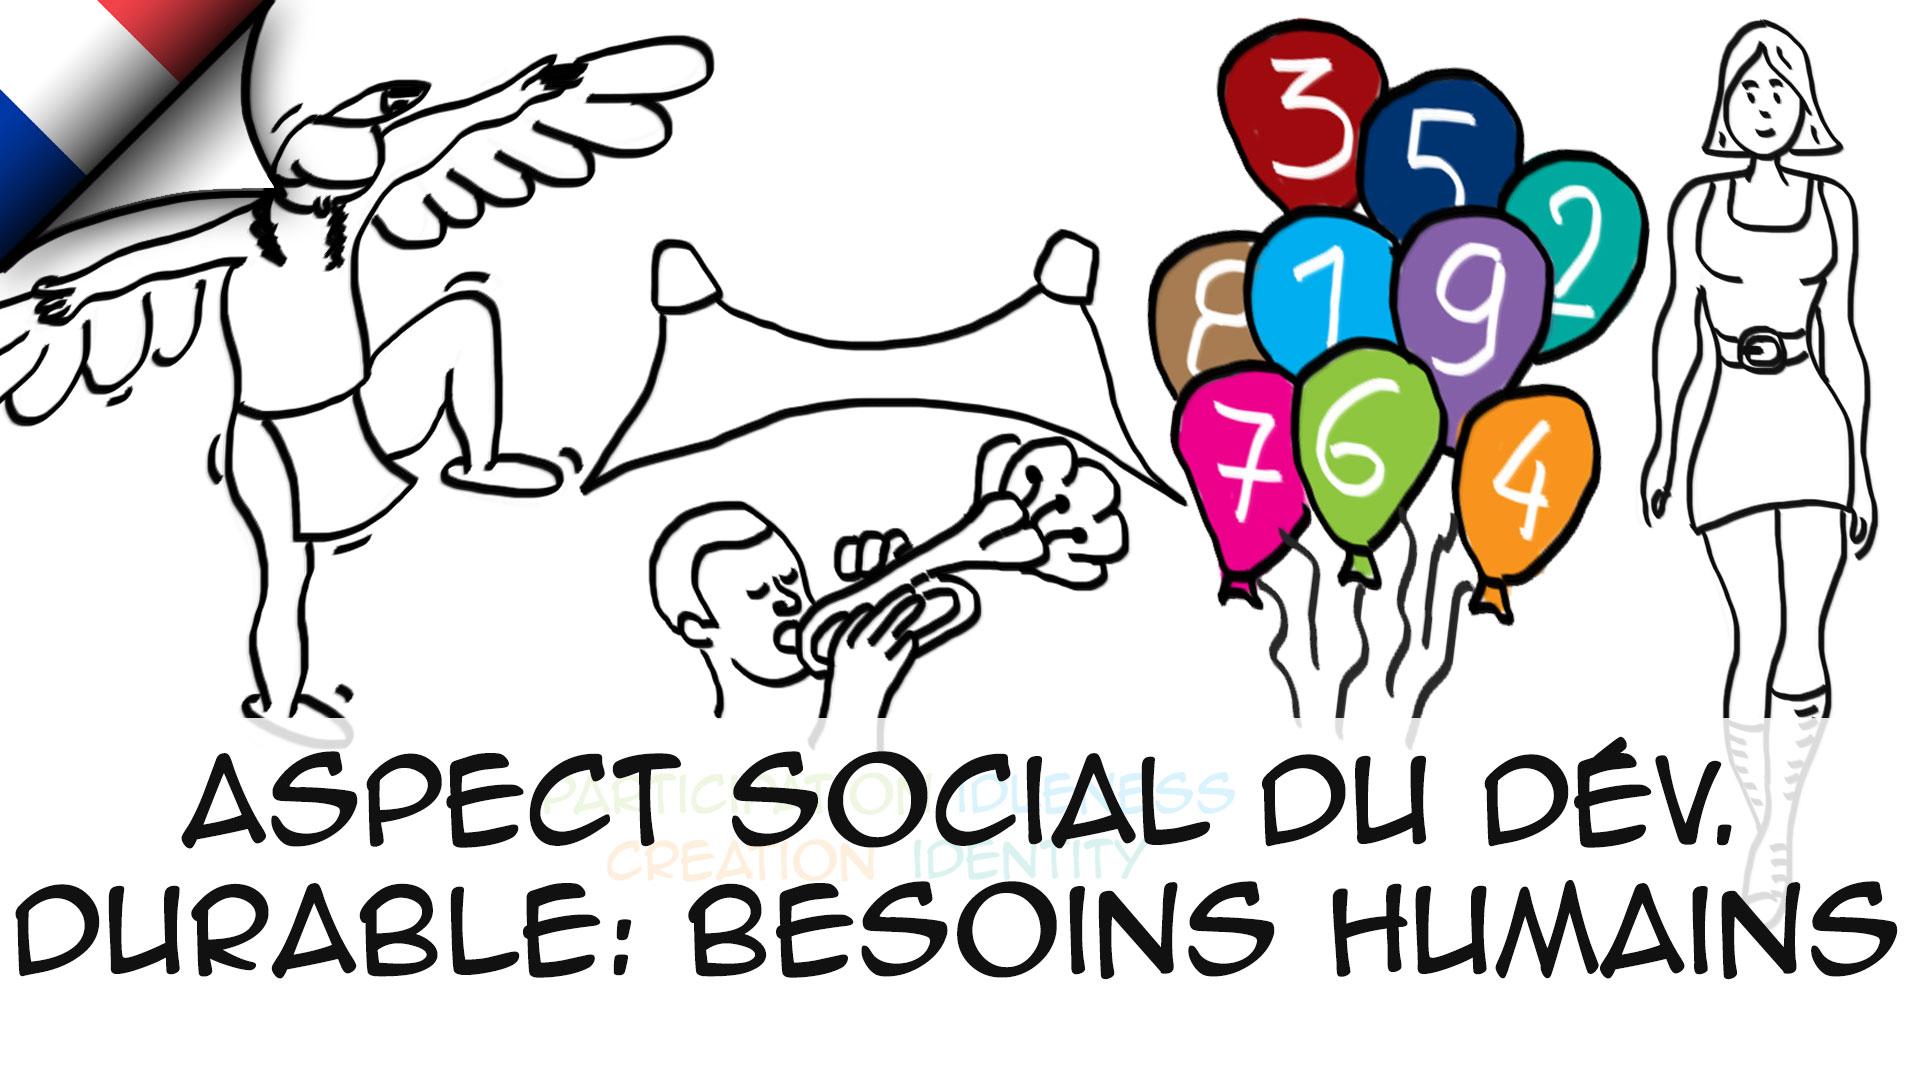 Aspect social du dév. durable (besoins humains)